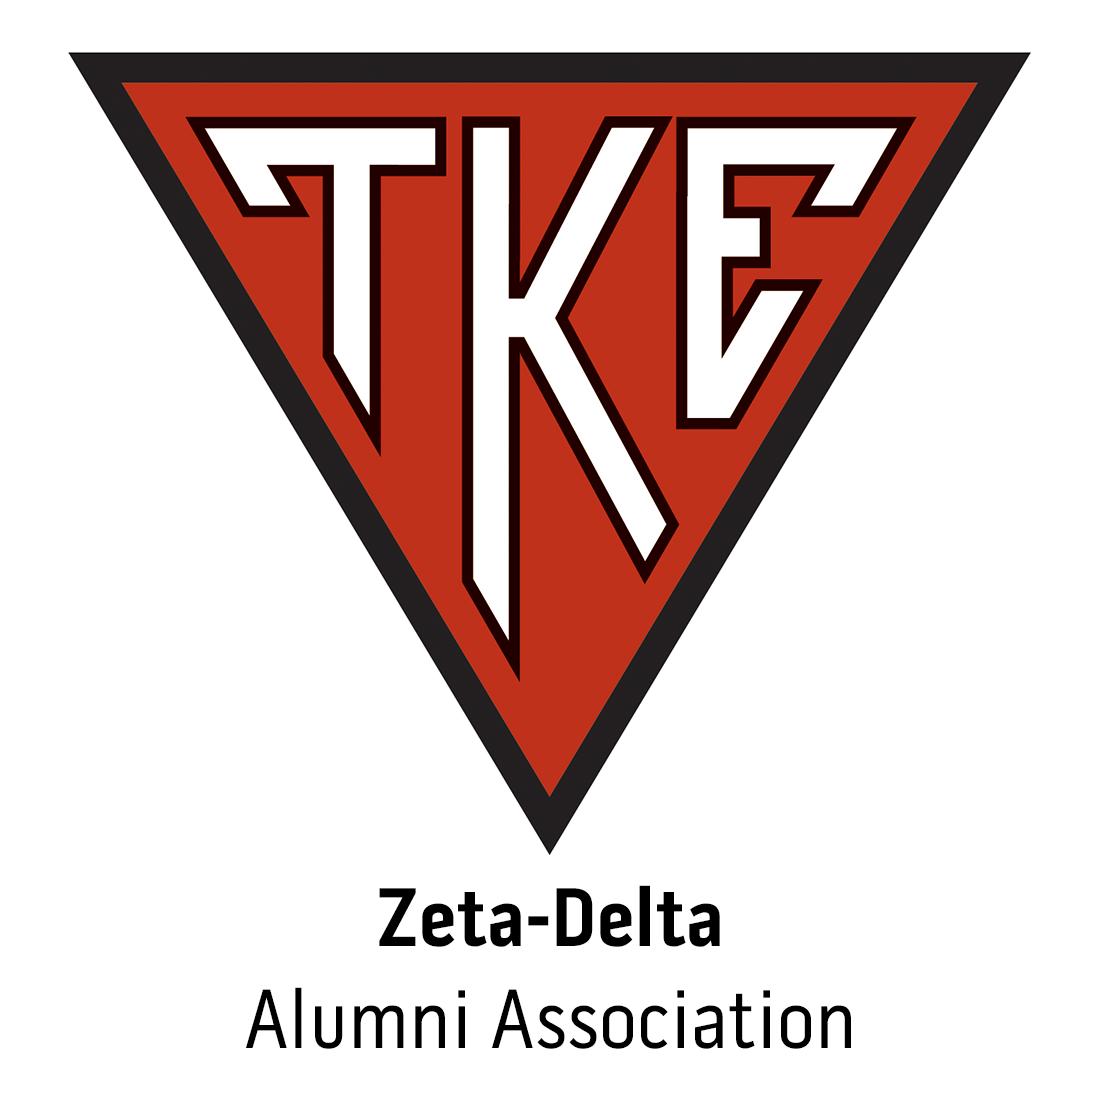 Zeta-Delta Alumni Association for Alma College